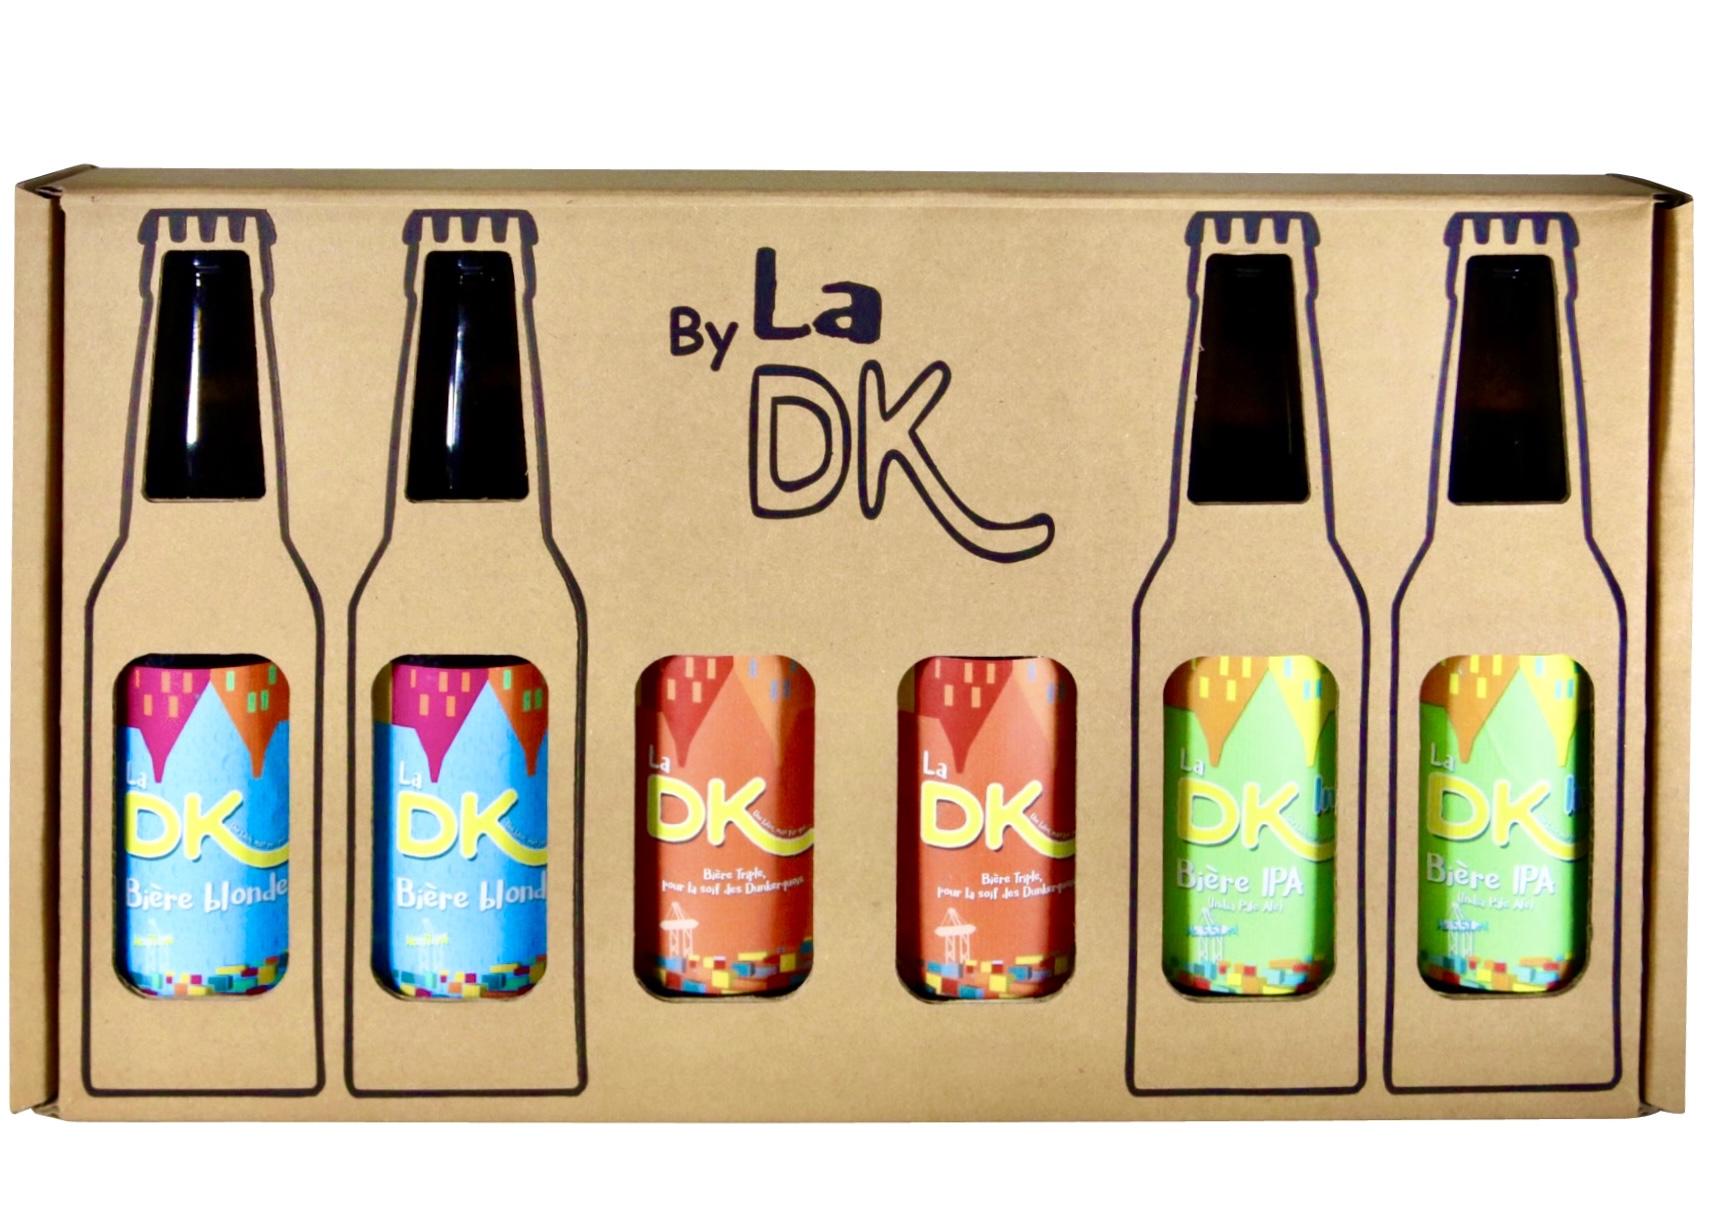 COFFRET DE 6 BIÈRES DK 33cl